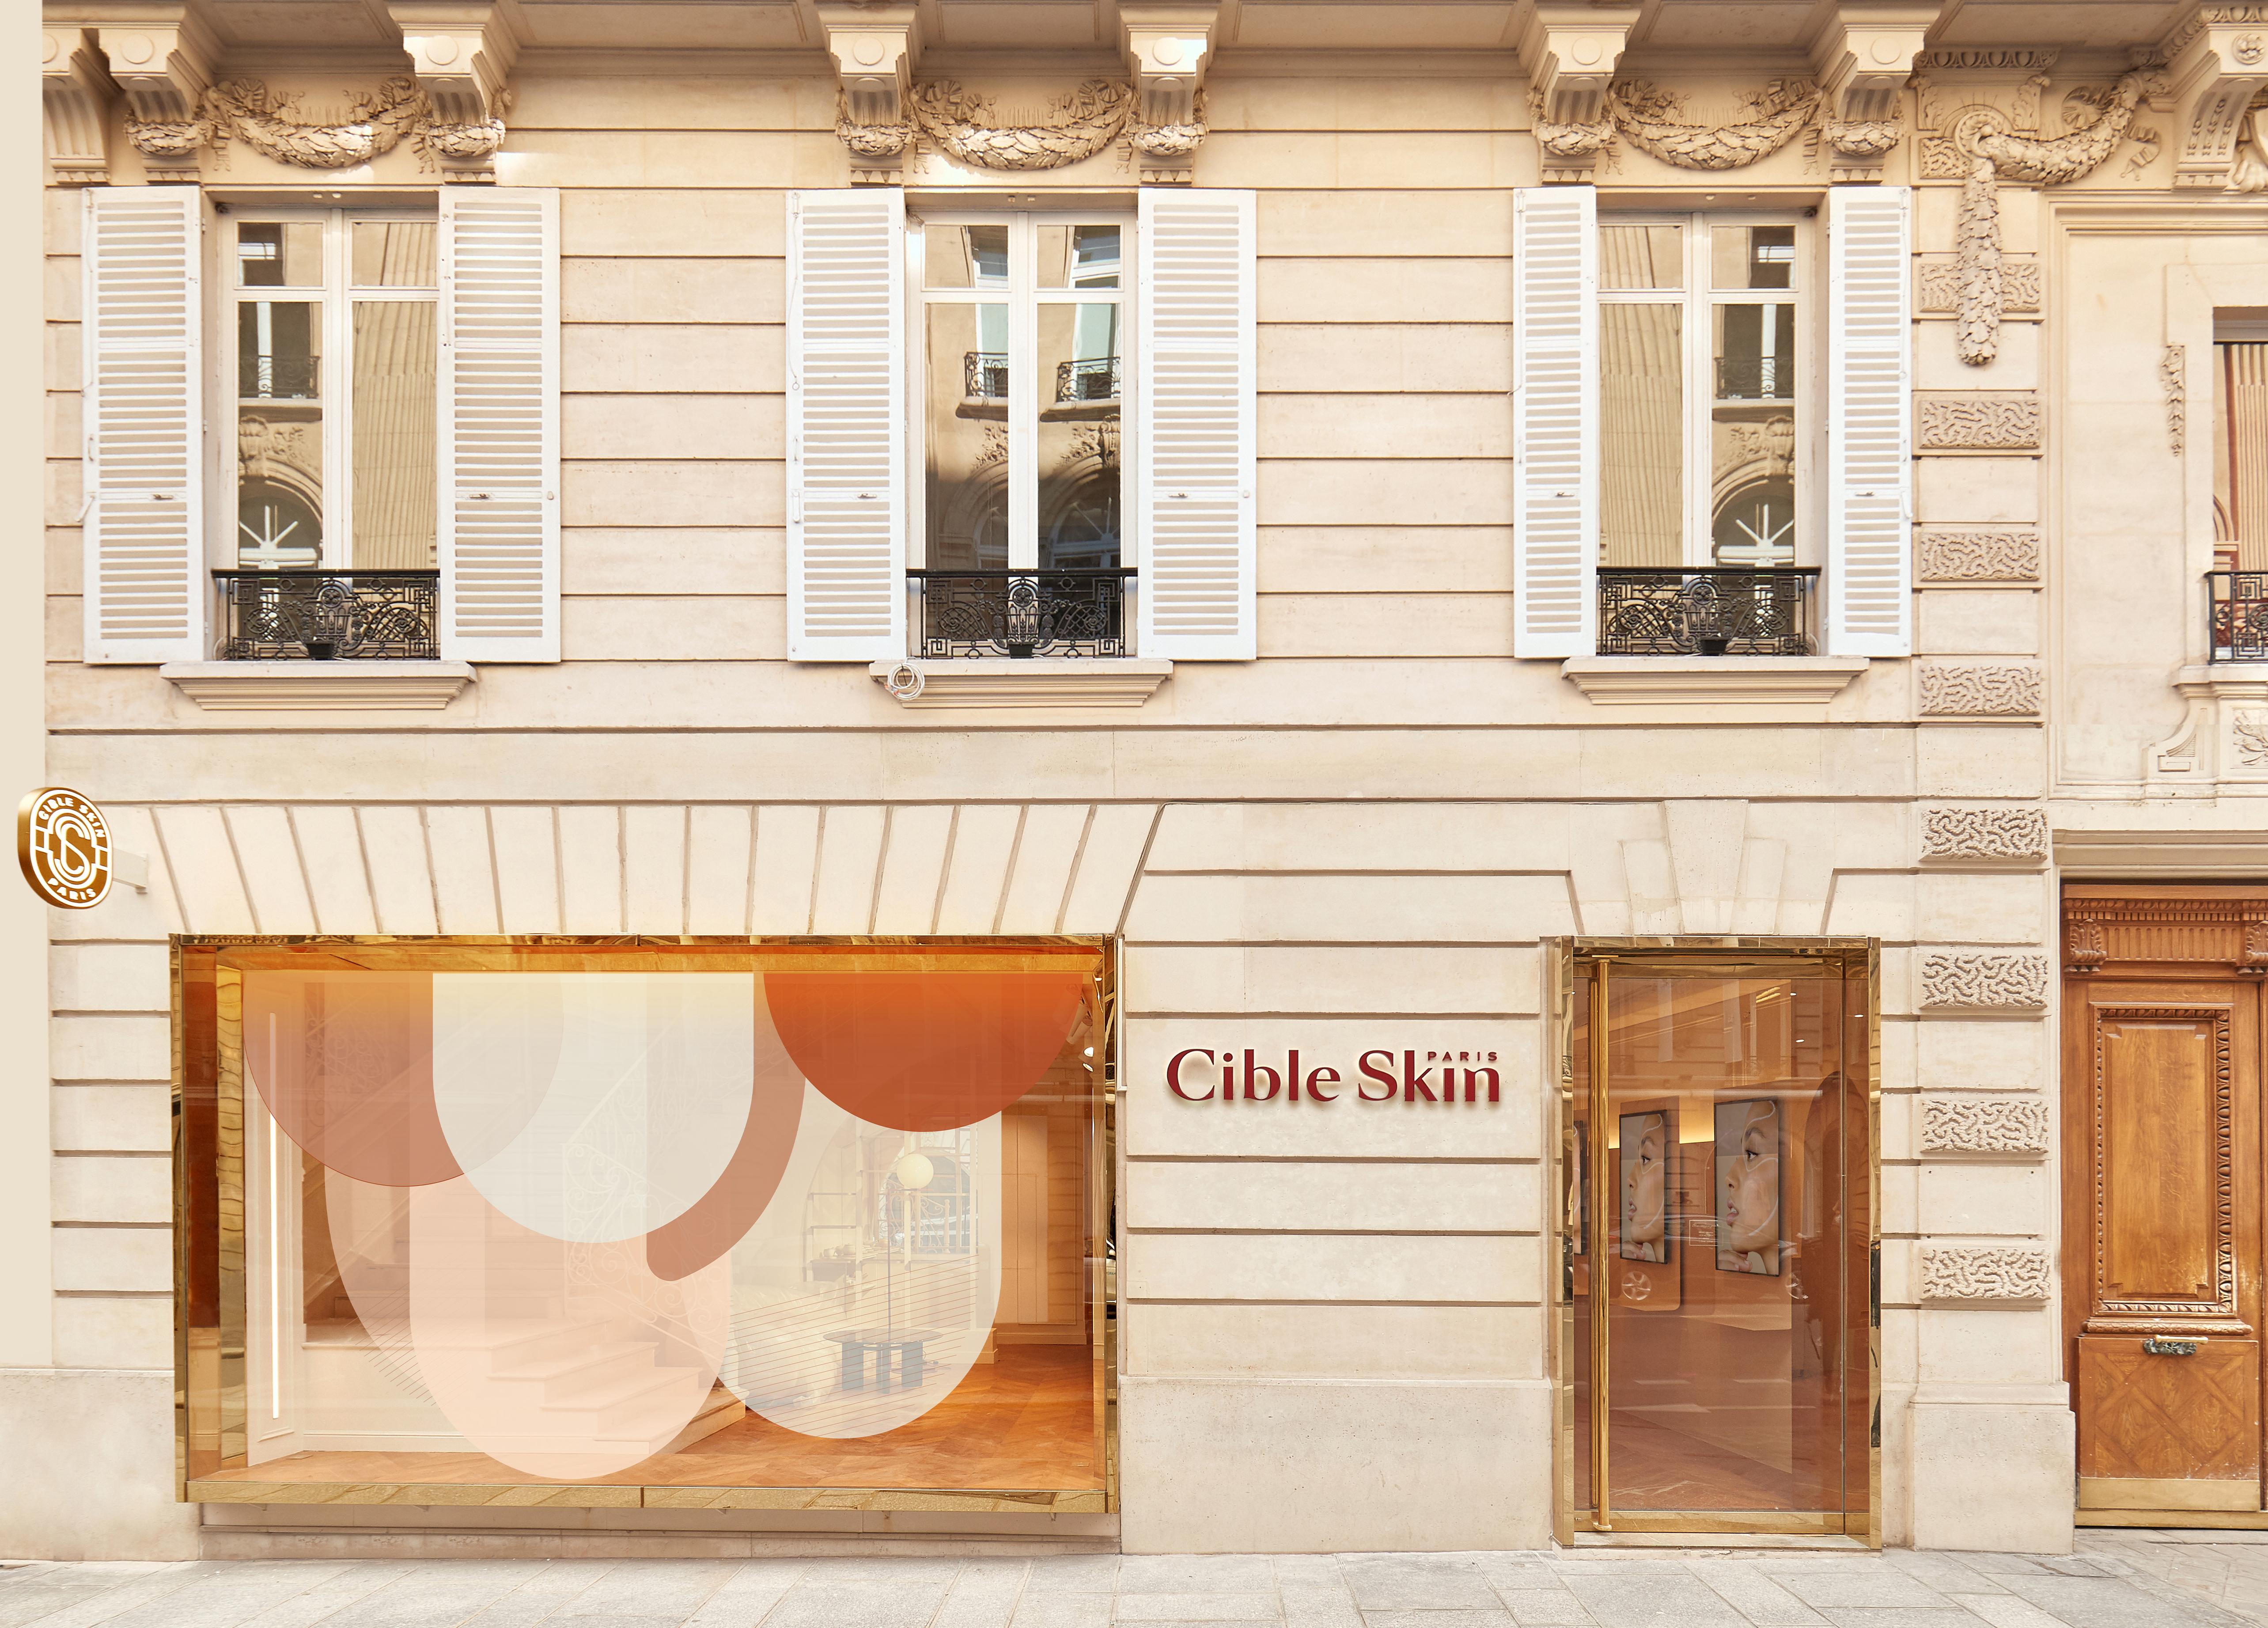 法国医学护肤品牌Cible Skin全新医学护肤旗舰店亮相巴黎黄金三角